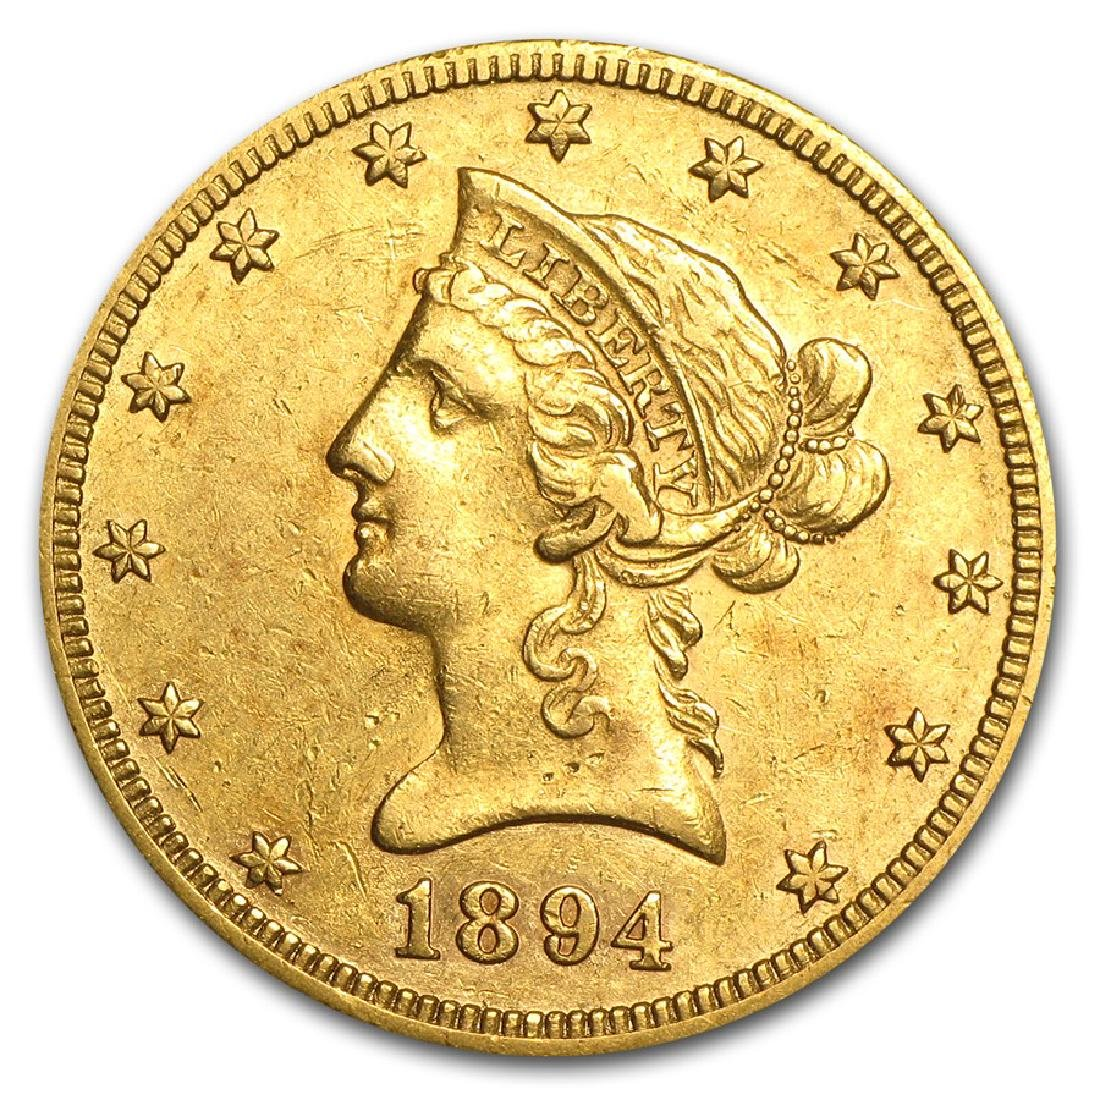 1894-O $10 Liberty Head Gold Coin